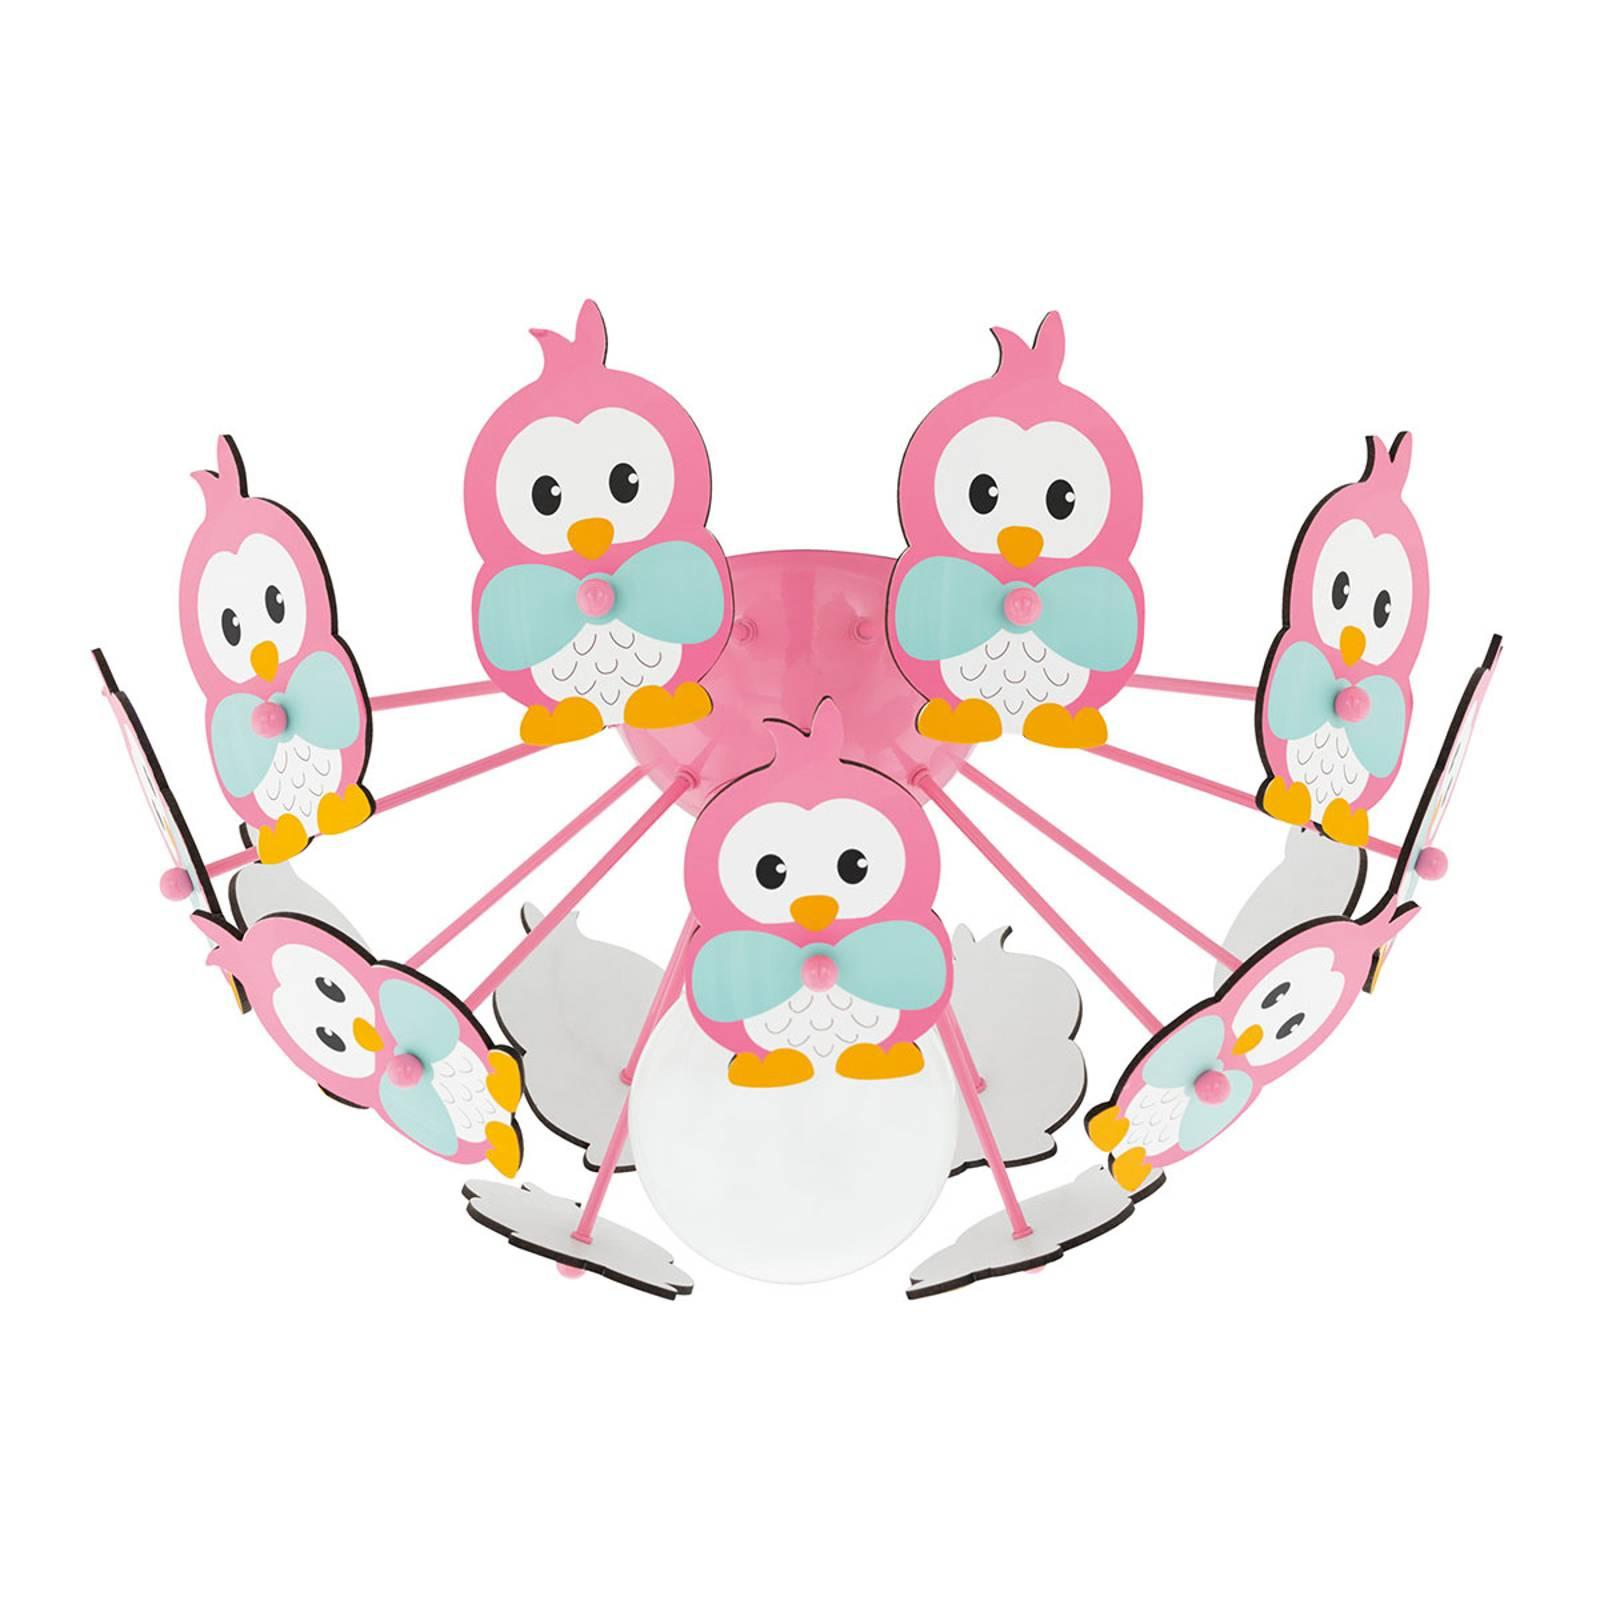 Deckenleuchte Viki 2 mit Pinguinen pink